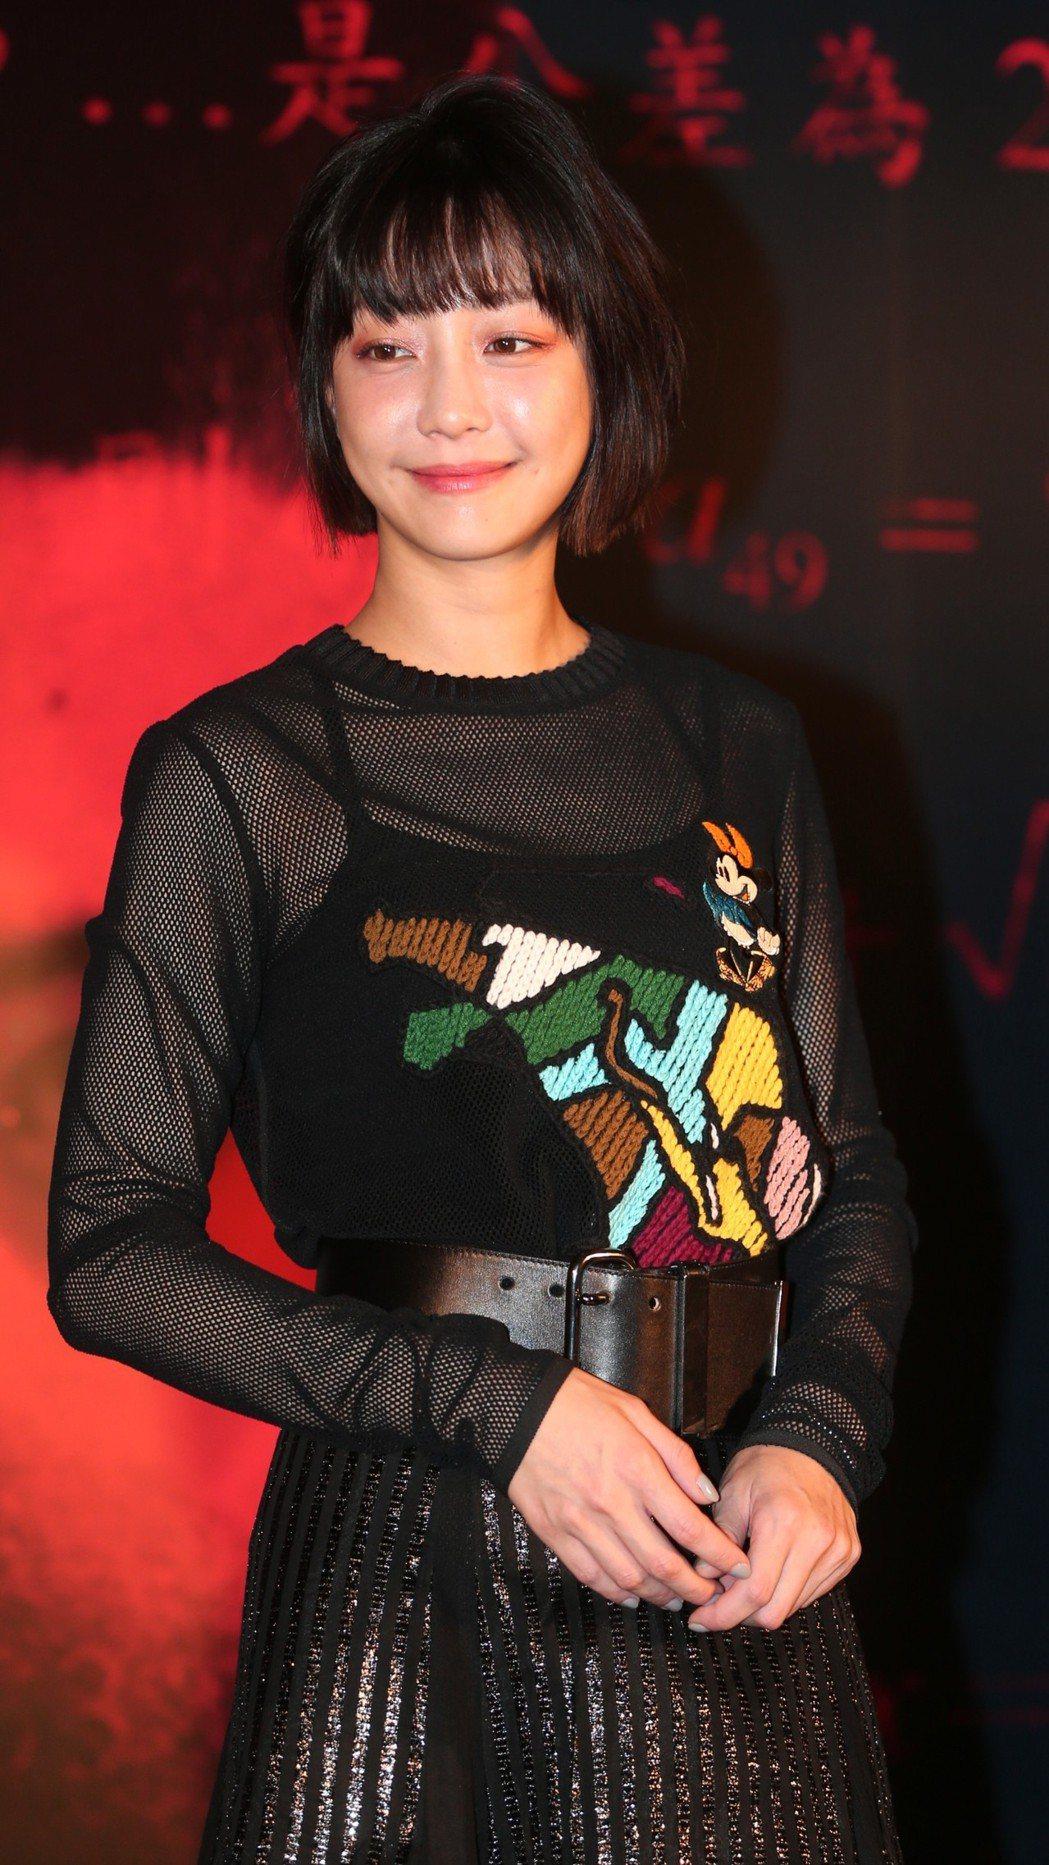 「藍色項圈」演員謝欣穎出席首映會。記者侯永全/攝影